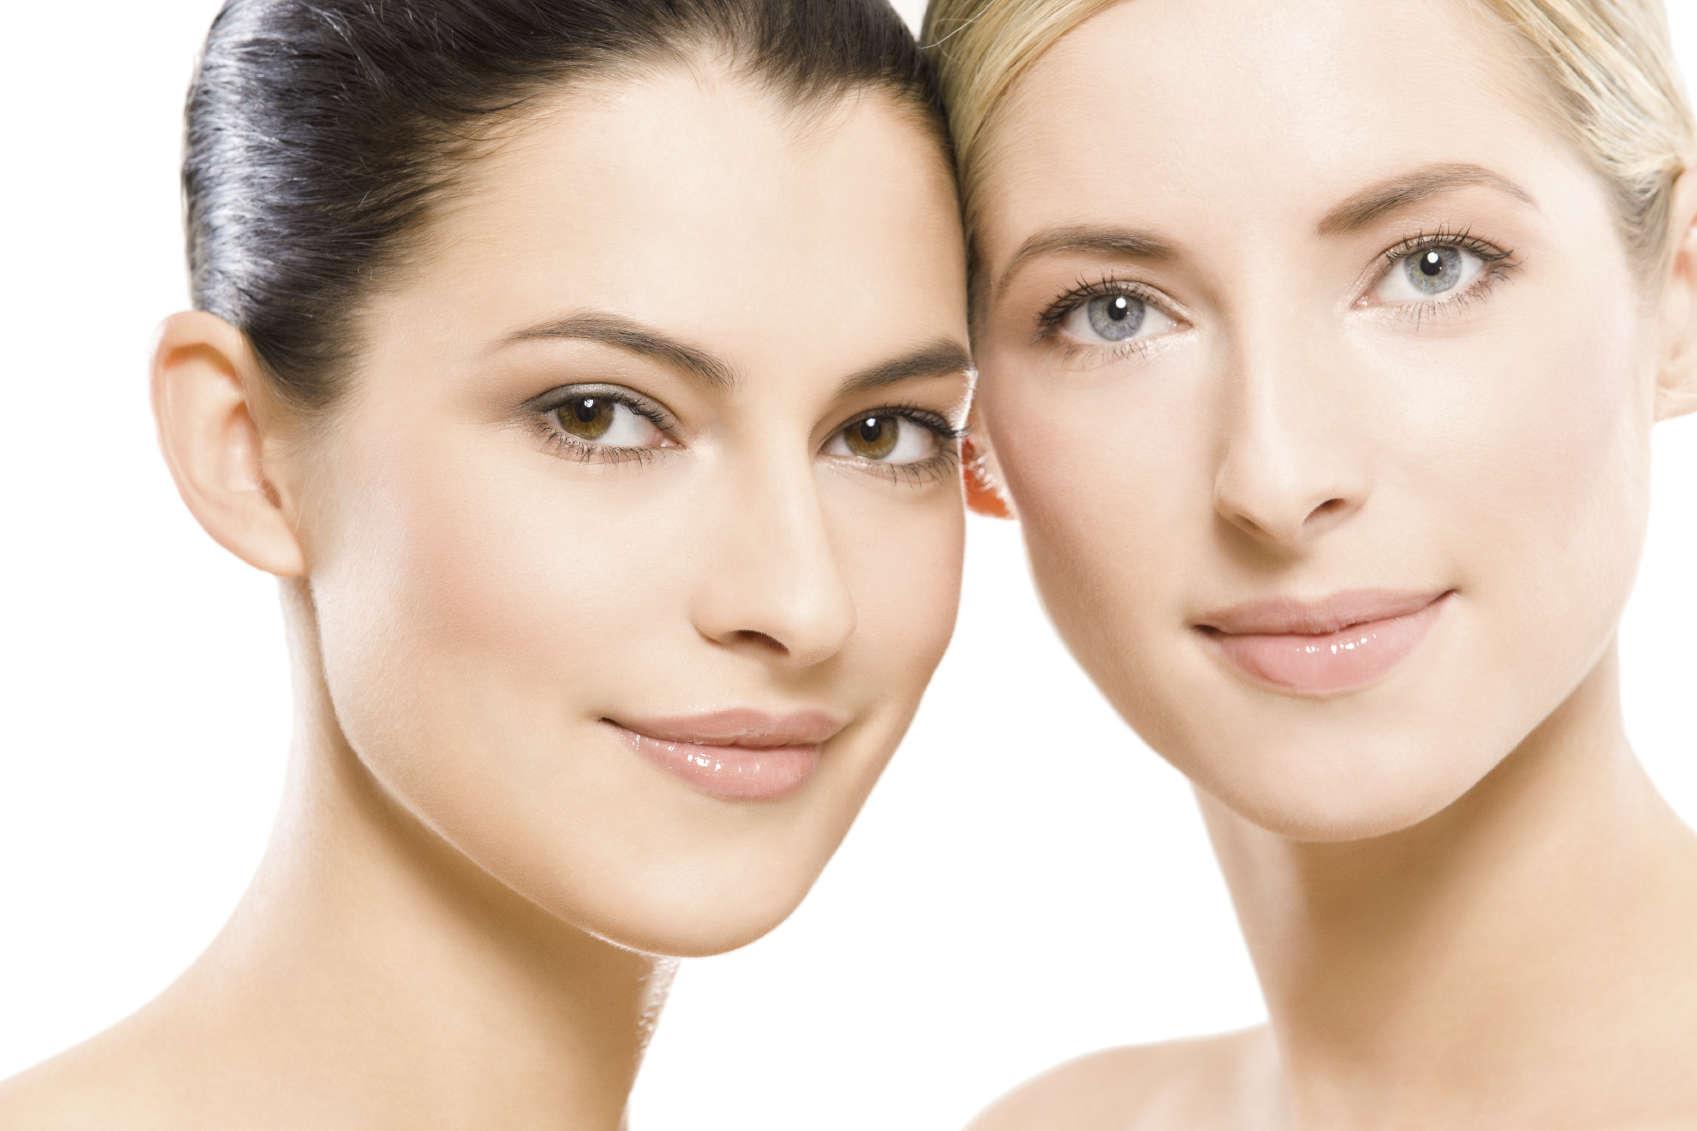 iStock 000019517555 Medium - Efeitos Colaterais do Ácido Retinóico